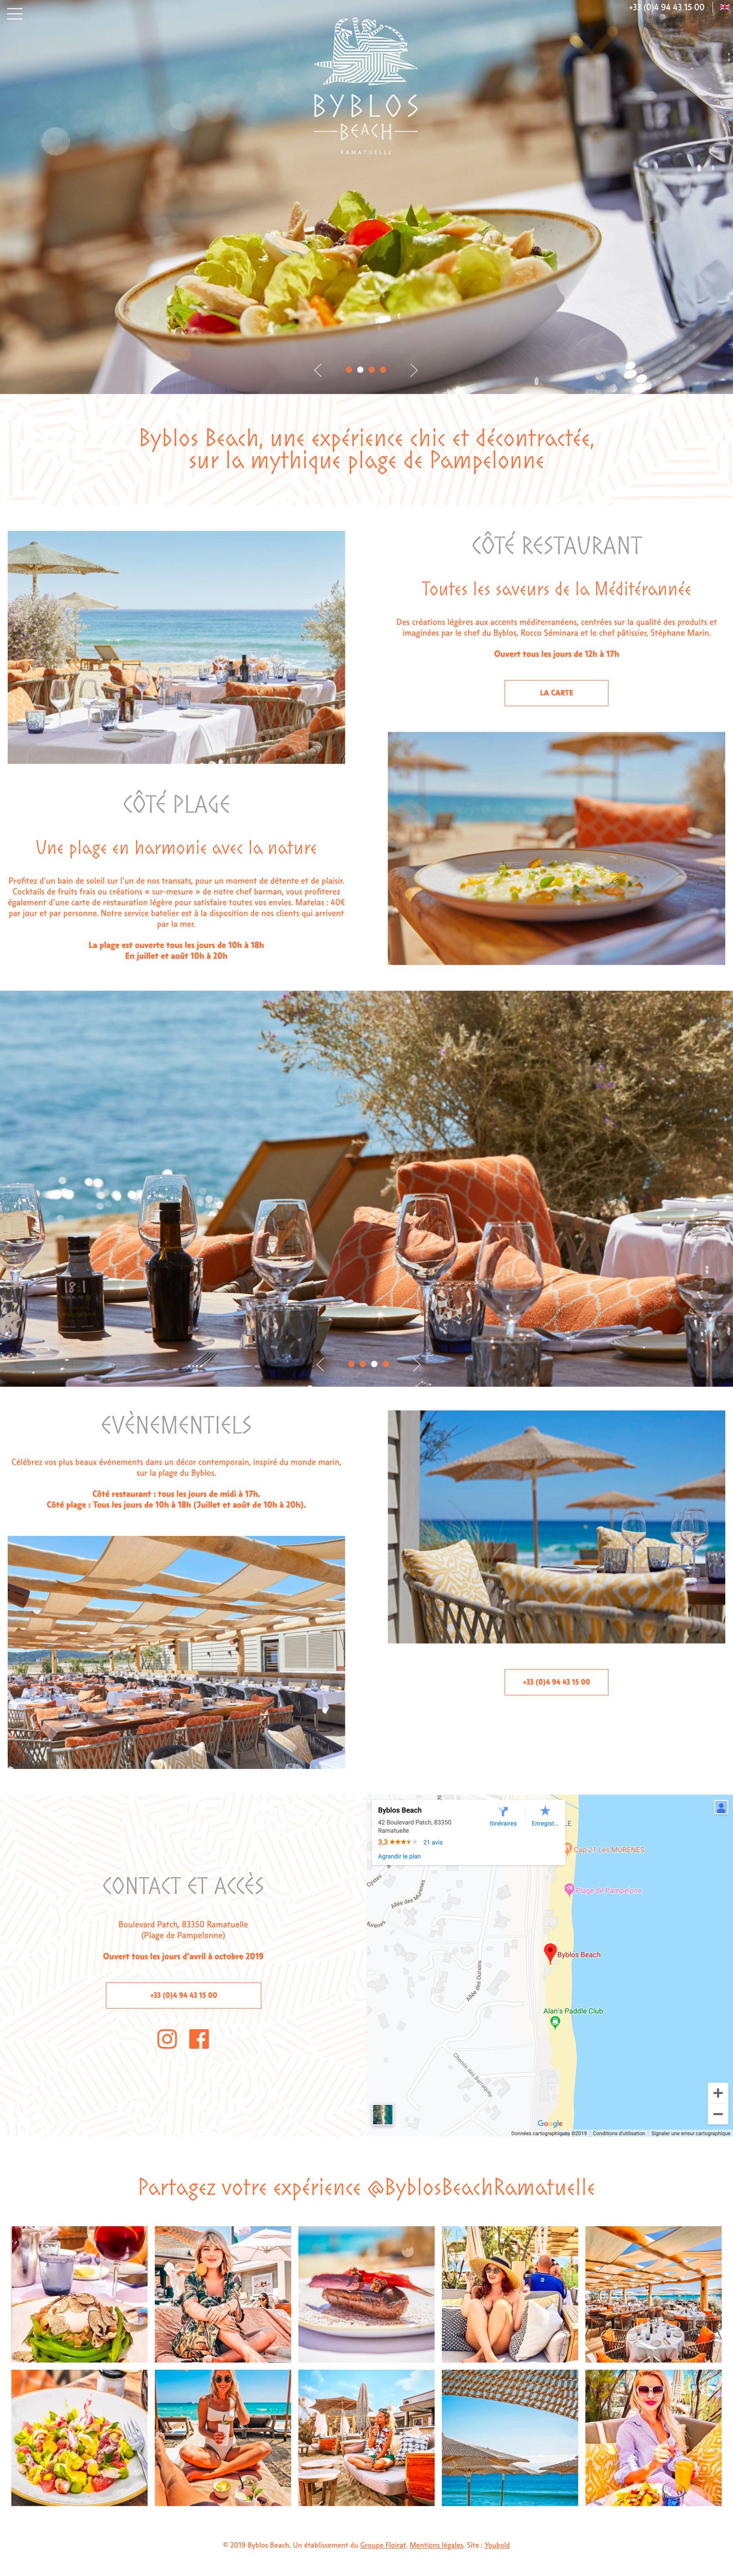 Ecran 1 du site Byblos Beach